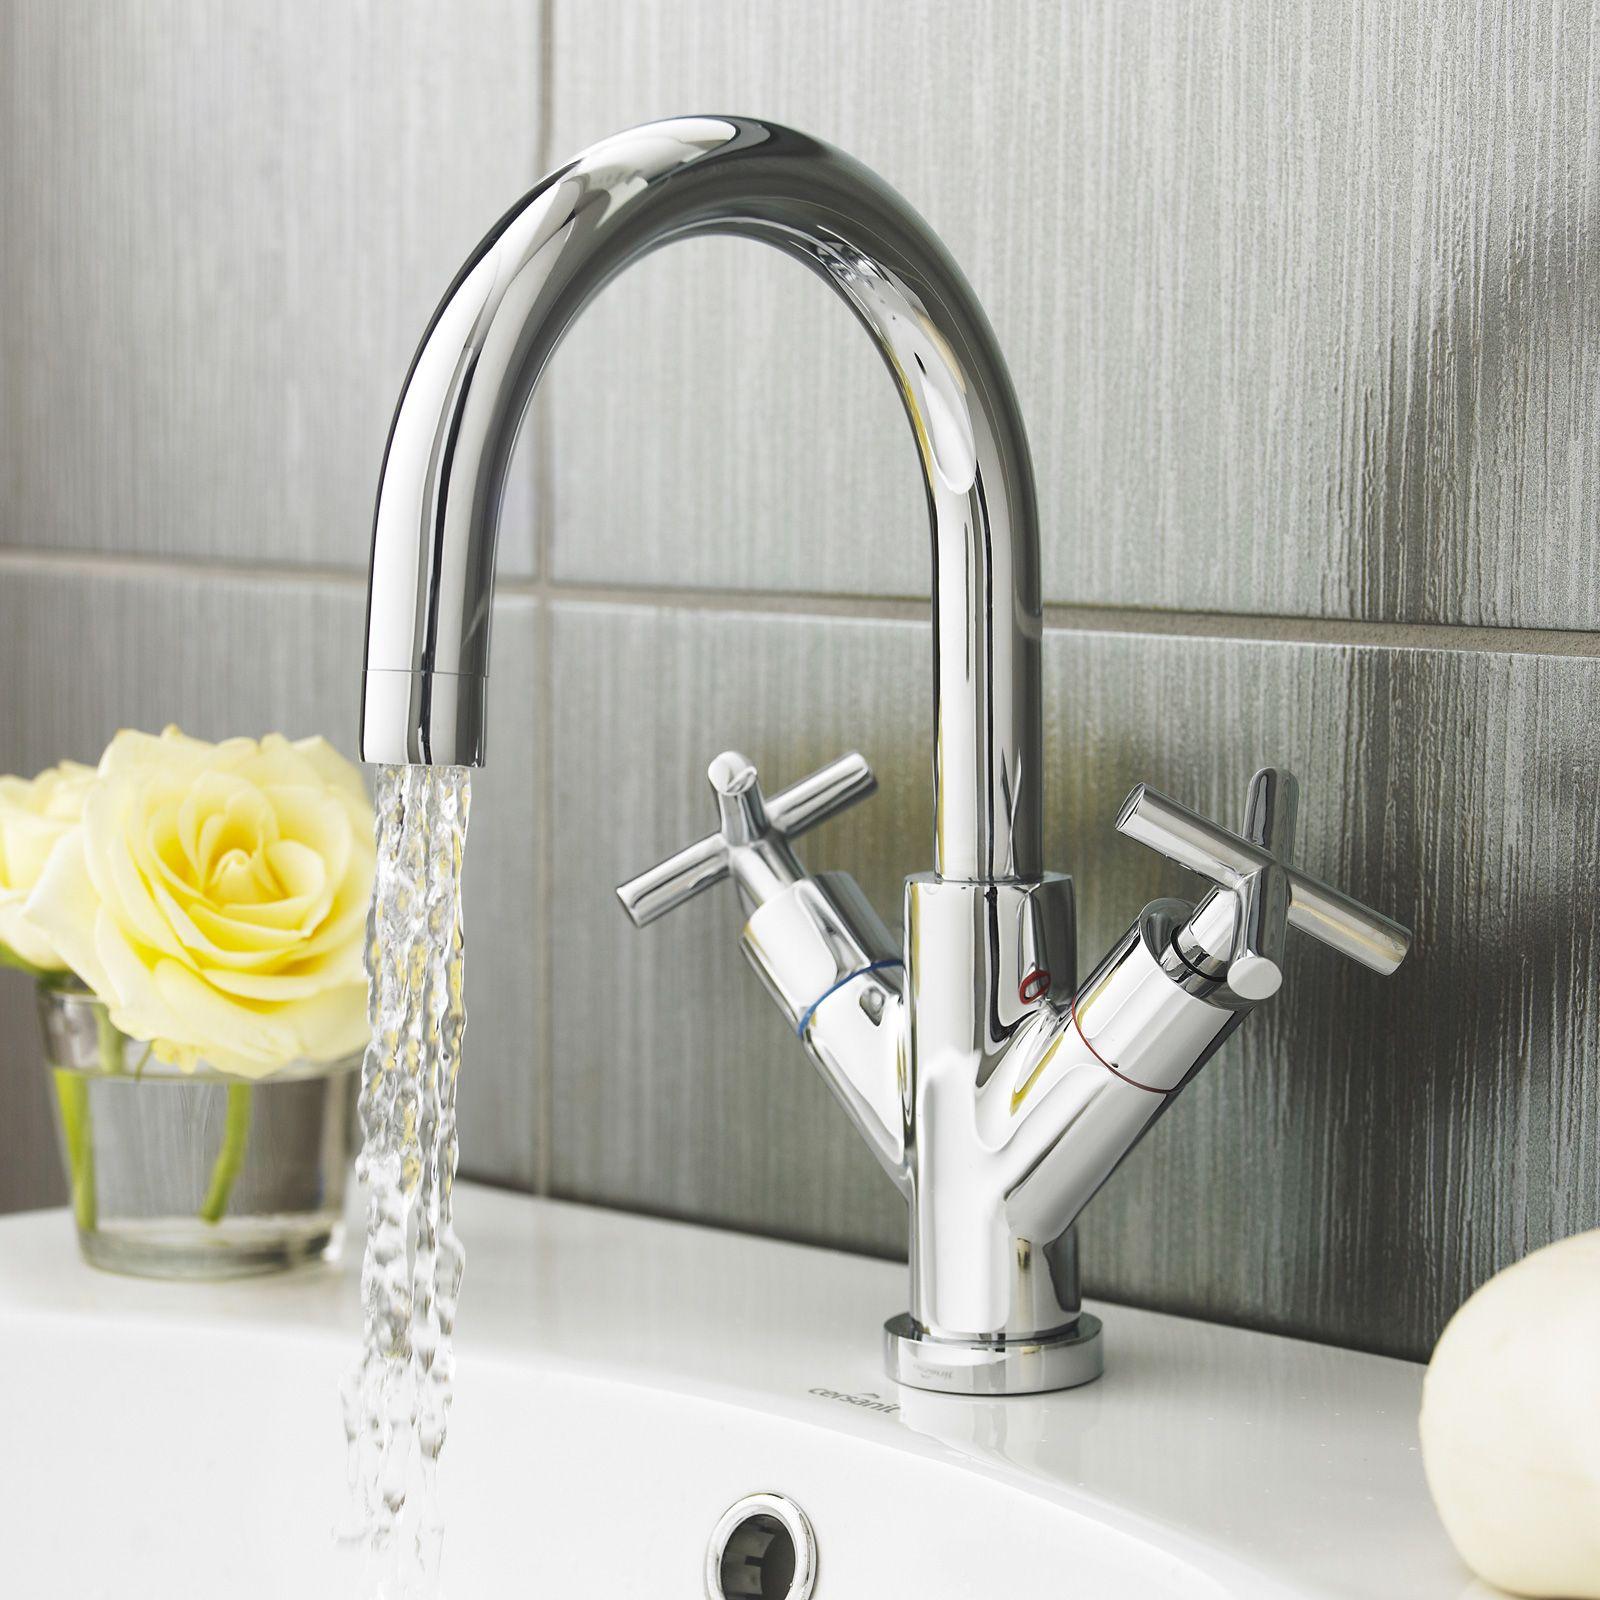 Technique Quartz Crosshead Tap The Bath House Basin Mixer Taps Basin Basin Mixer